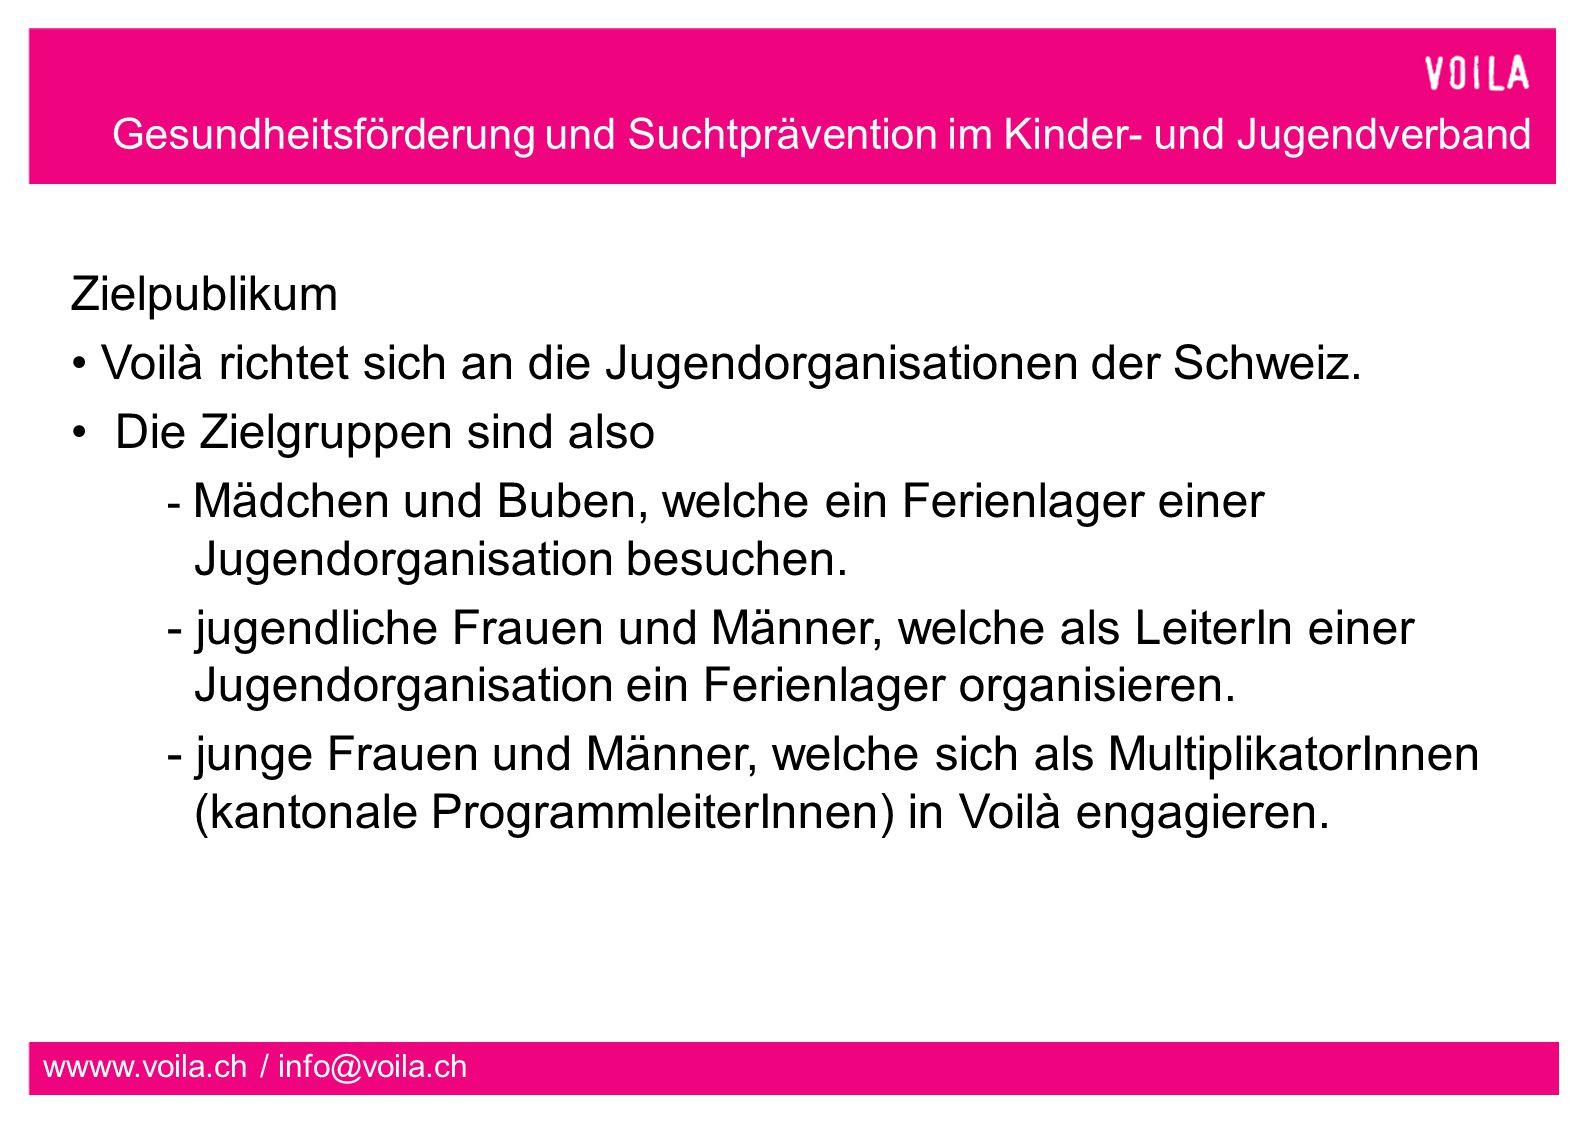 Voilà richtet sich an die Jugendorganisationen der Schweiz.